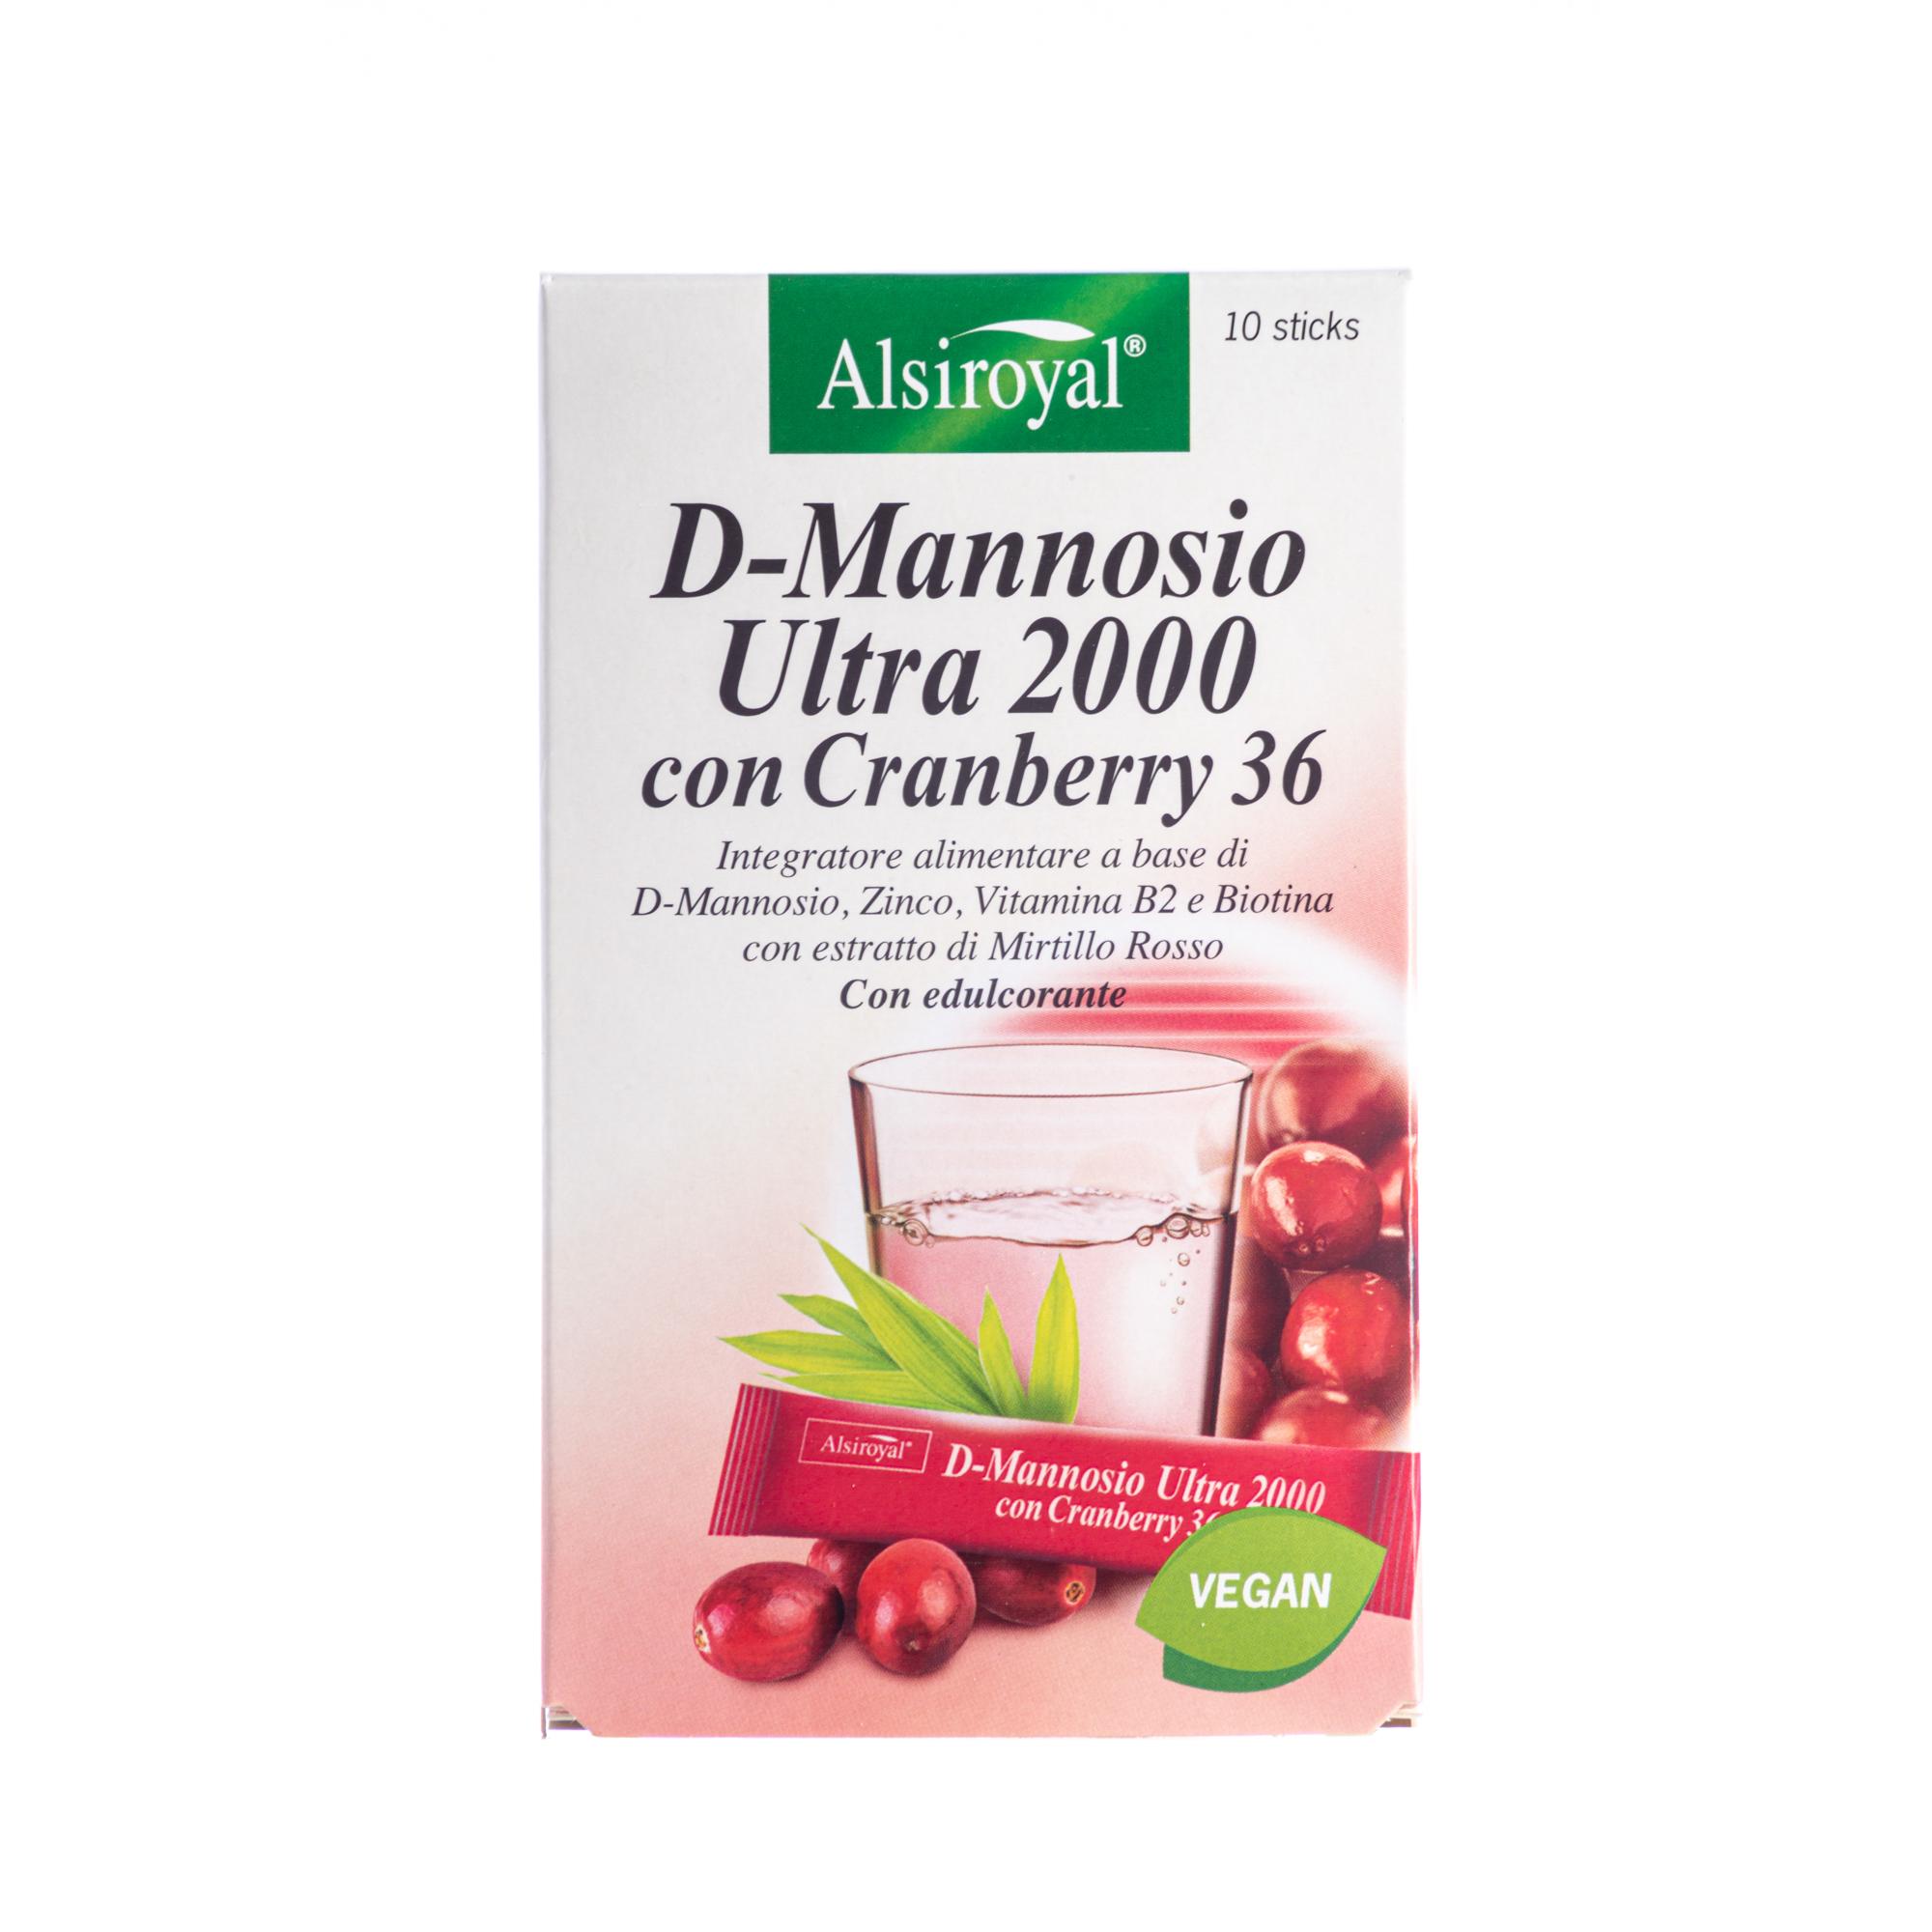 D MANNOSIO ULTRA 2000 10 STICK